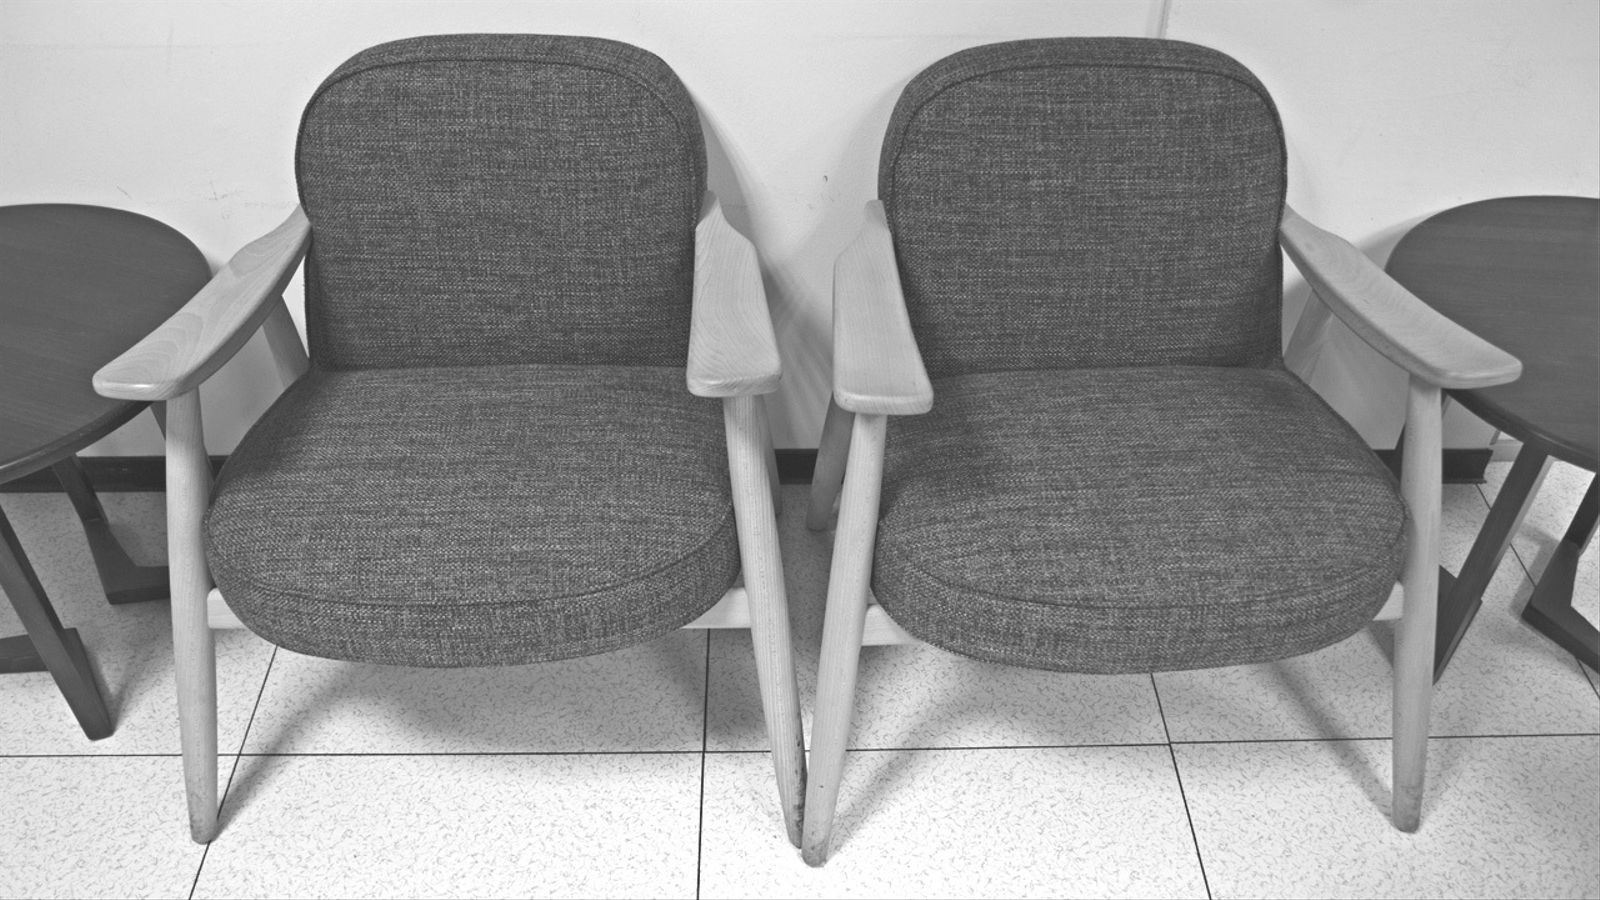 L'anàlisi d'Antoni Bassas: 'Dues cadires buides'